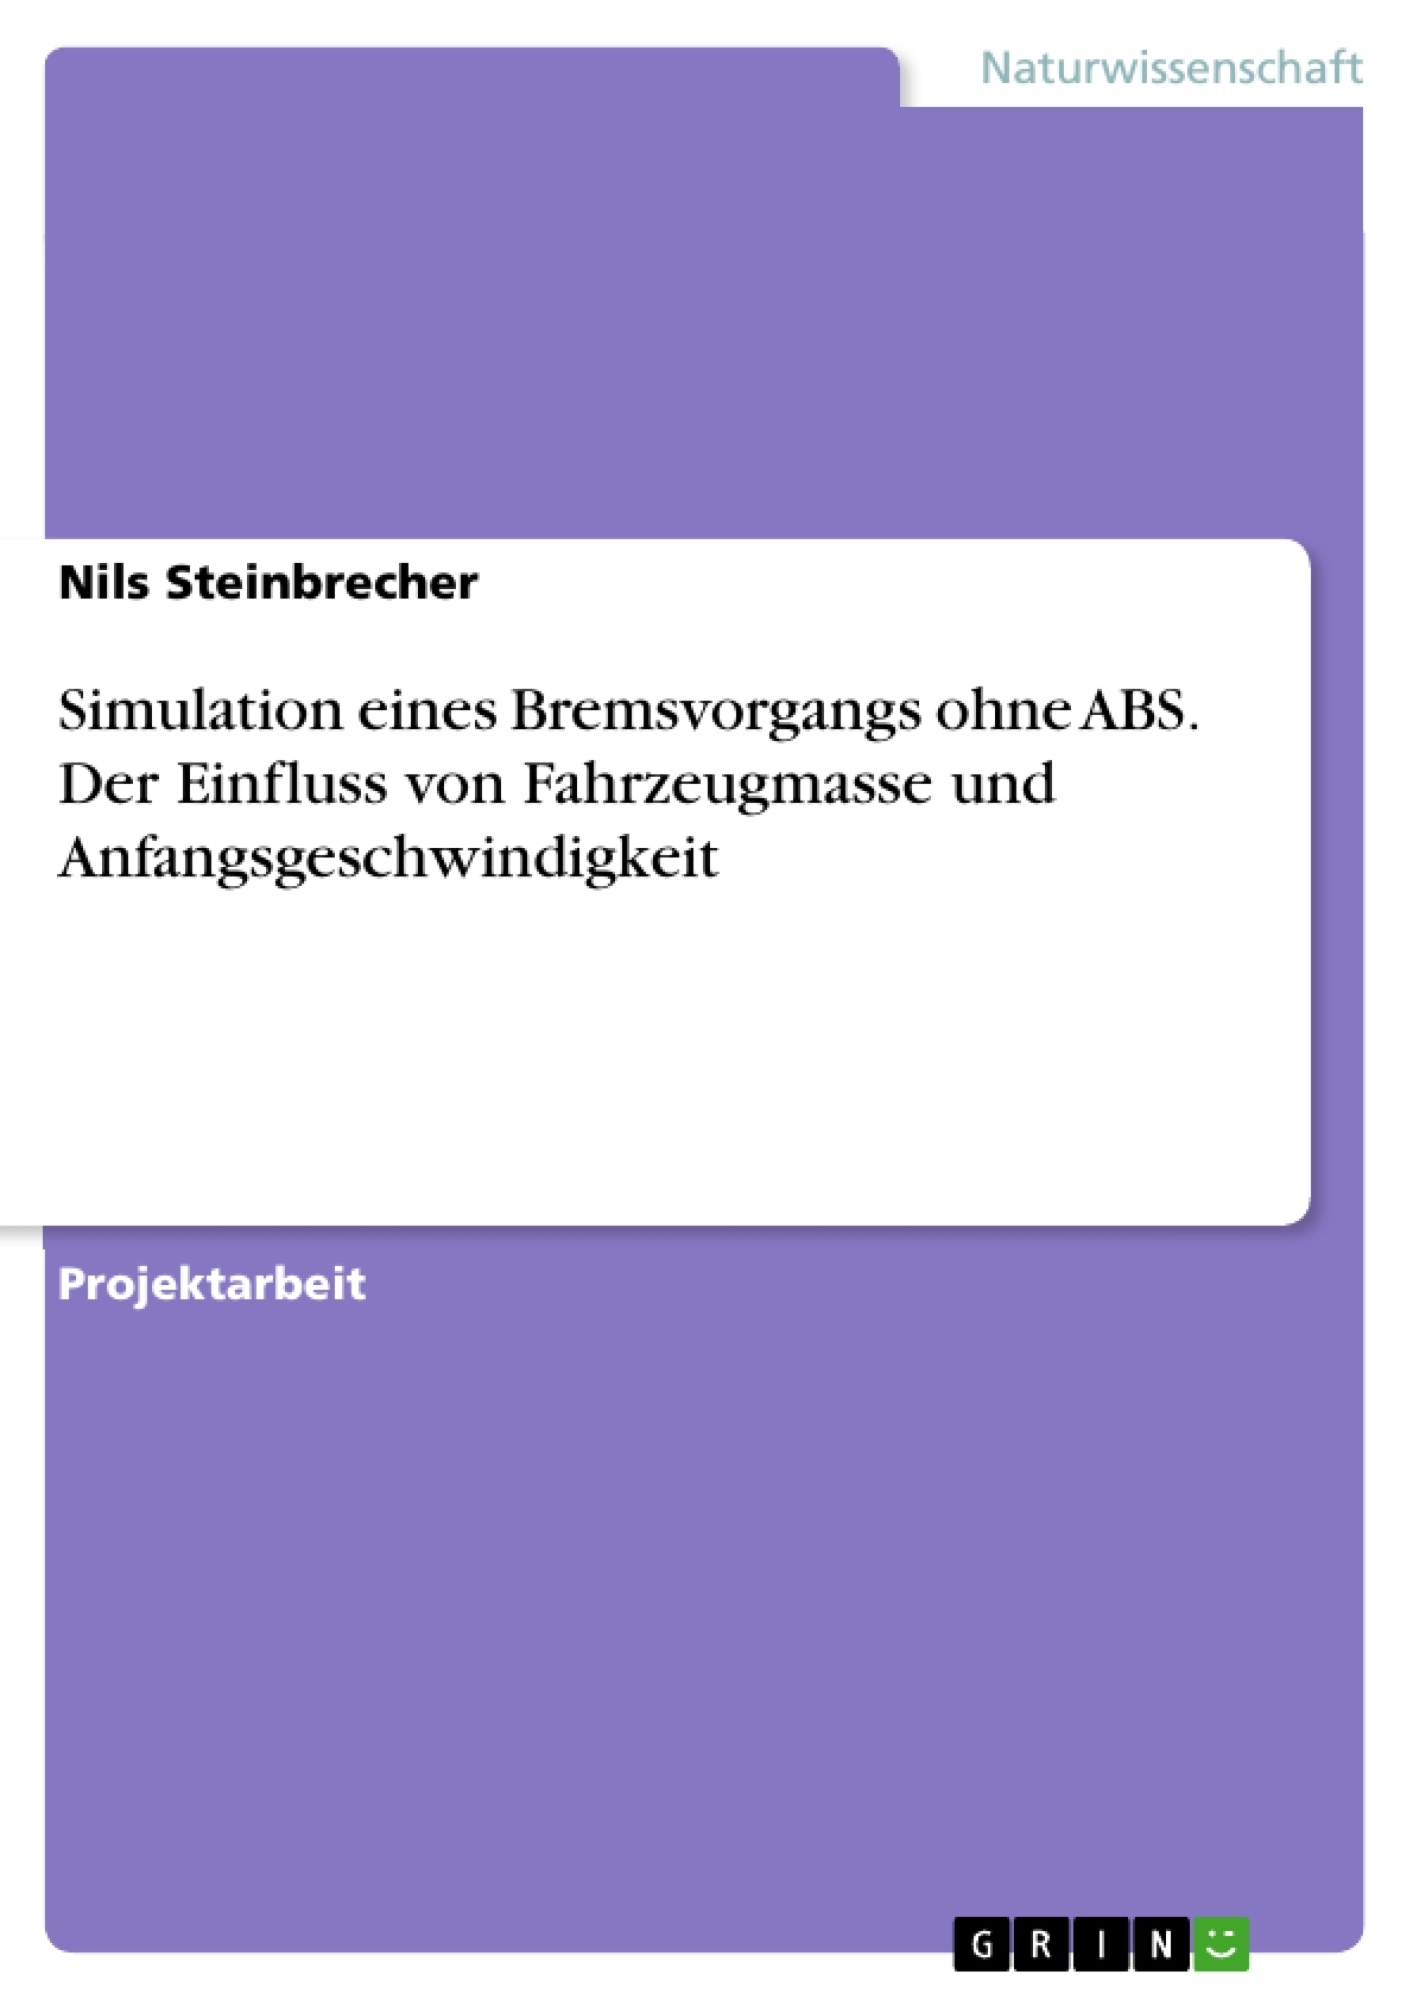 Titel: Simulation eines Bremsvorgangs ohne ABS. Der Einfluss von Fahrzeugmasse und Anfangsgeschwindigkeit